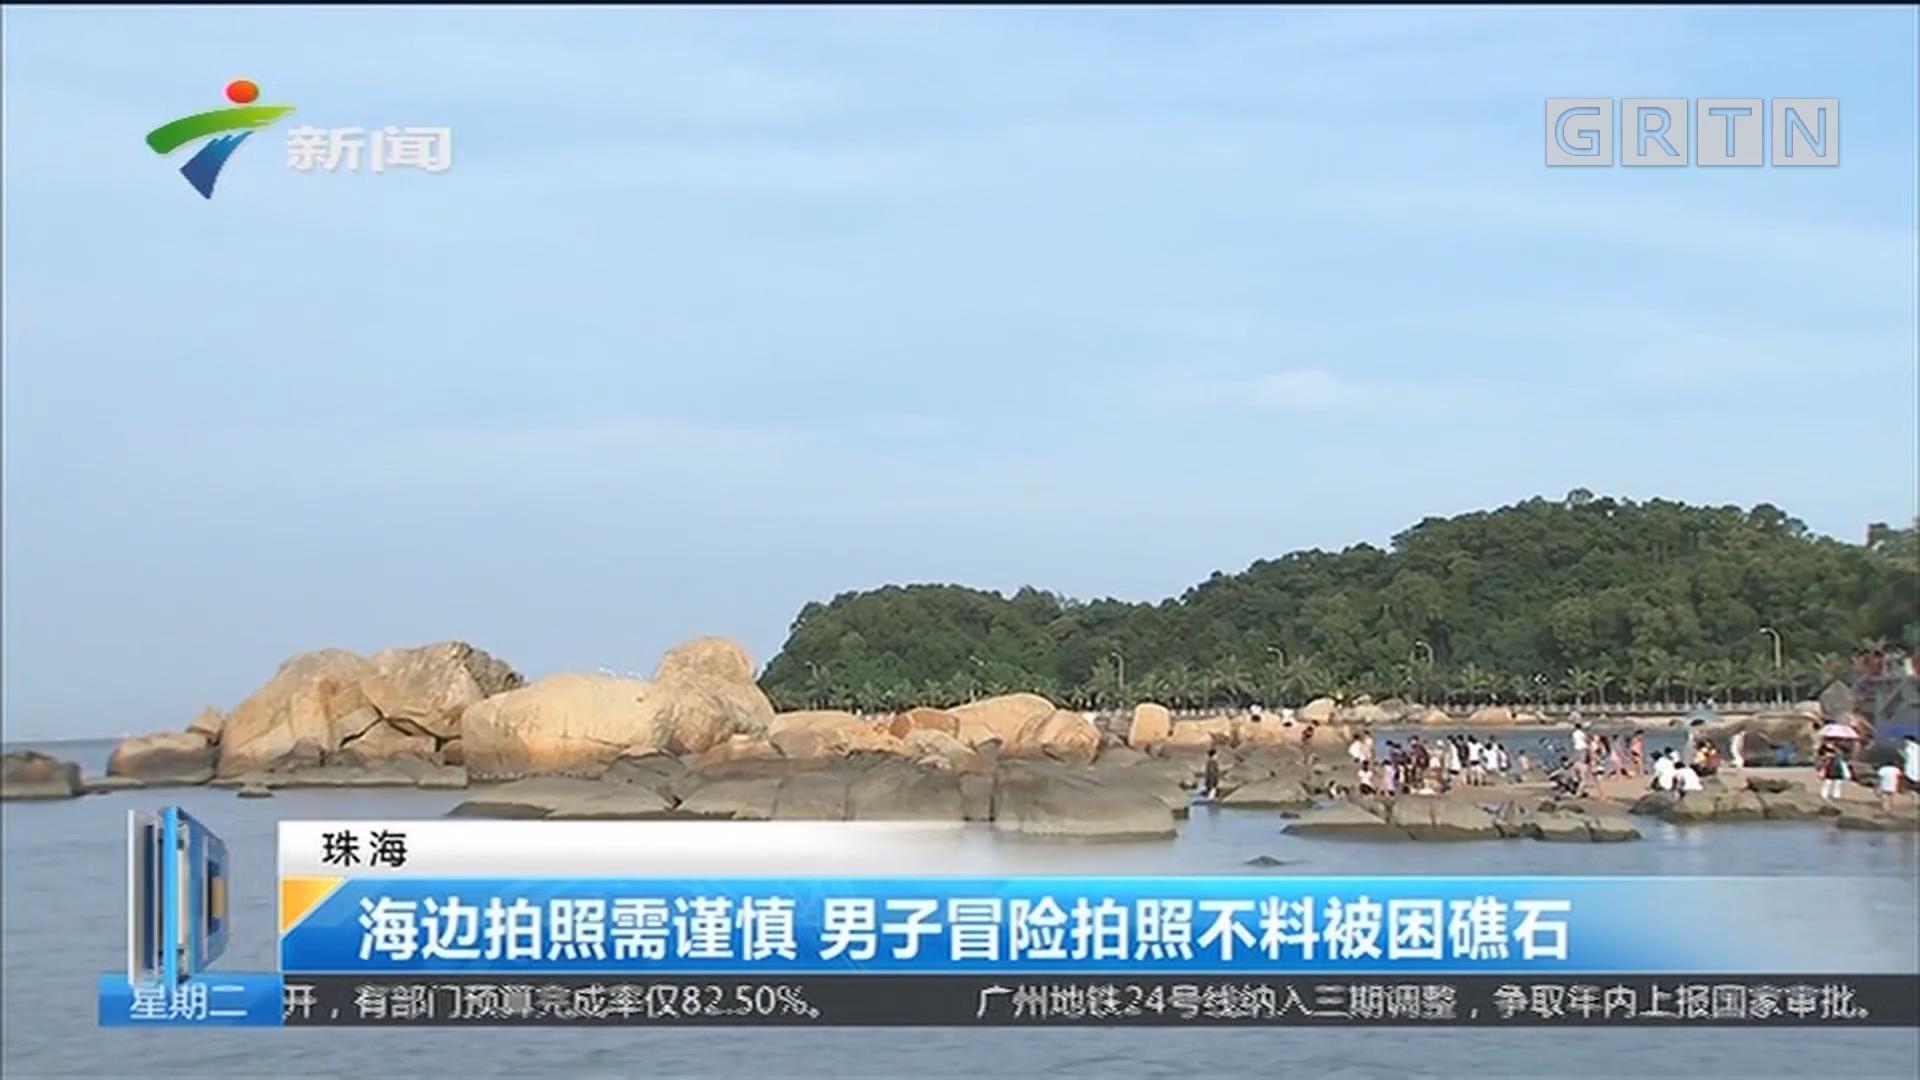 珠海:海边拍照需谨慎 男子冒险拍照不料被困礁石